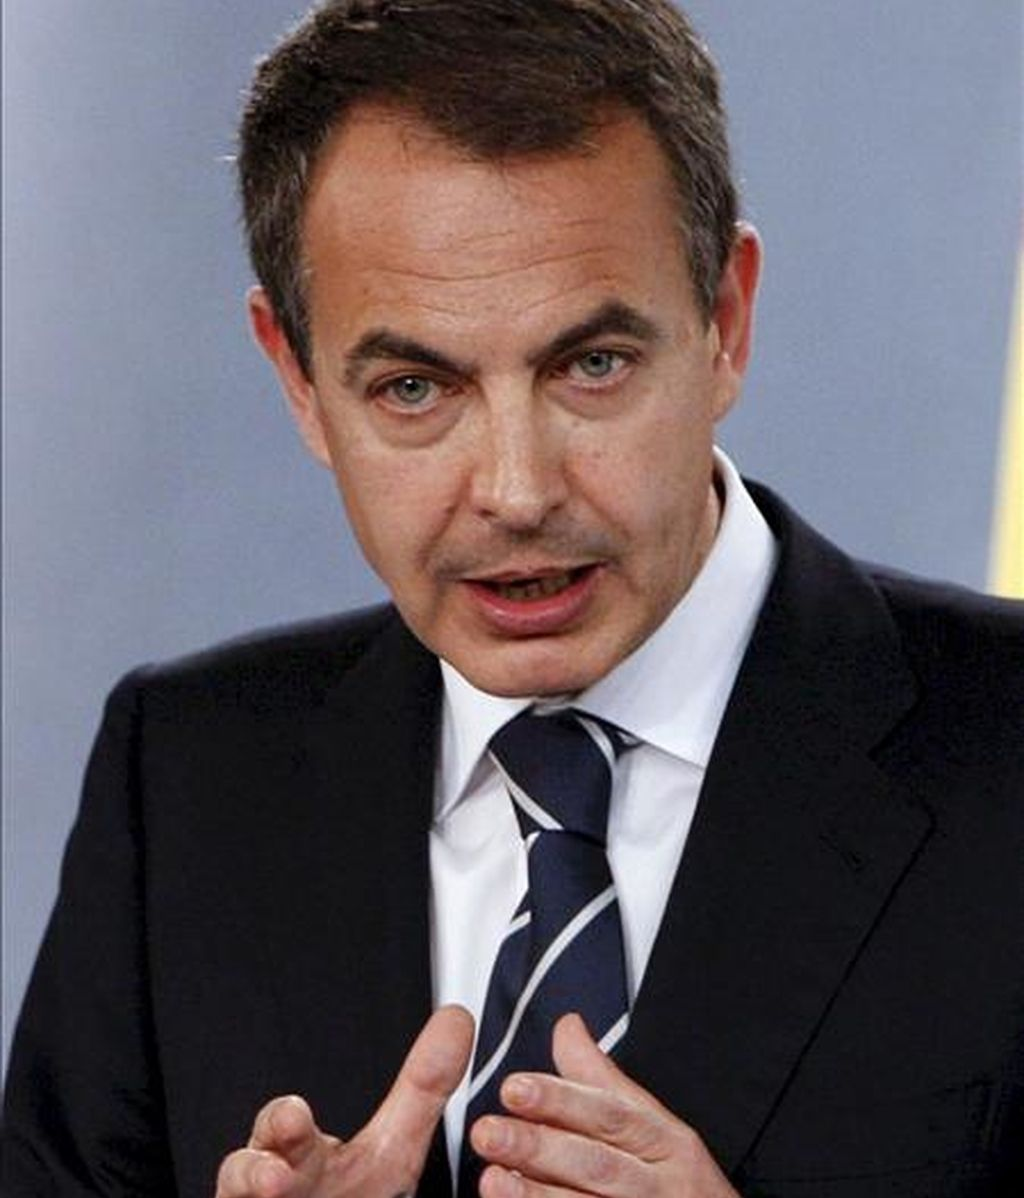 El presidente del Gobierno, José Luis Rodríguez Zapatero, acusa a Mayor Oreja de haber alejado a España del corazón de Europa. En la imagen, Zapatero durante una rueda de prensa. EFE/Archivo